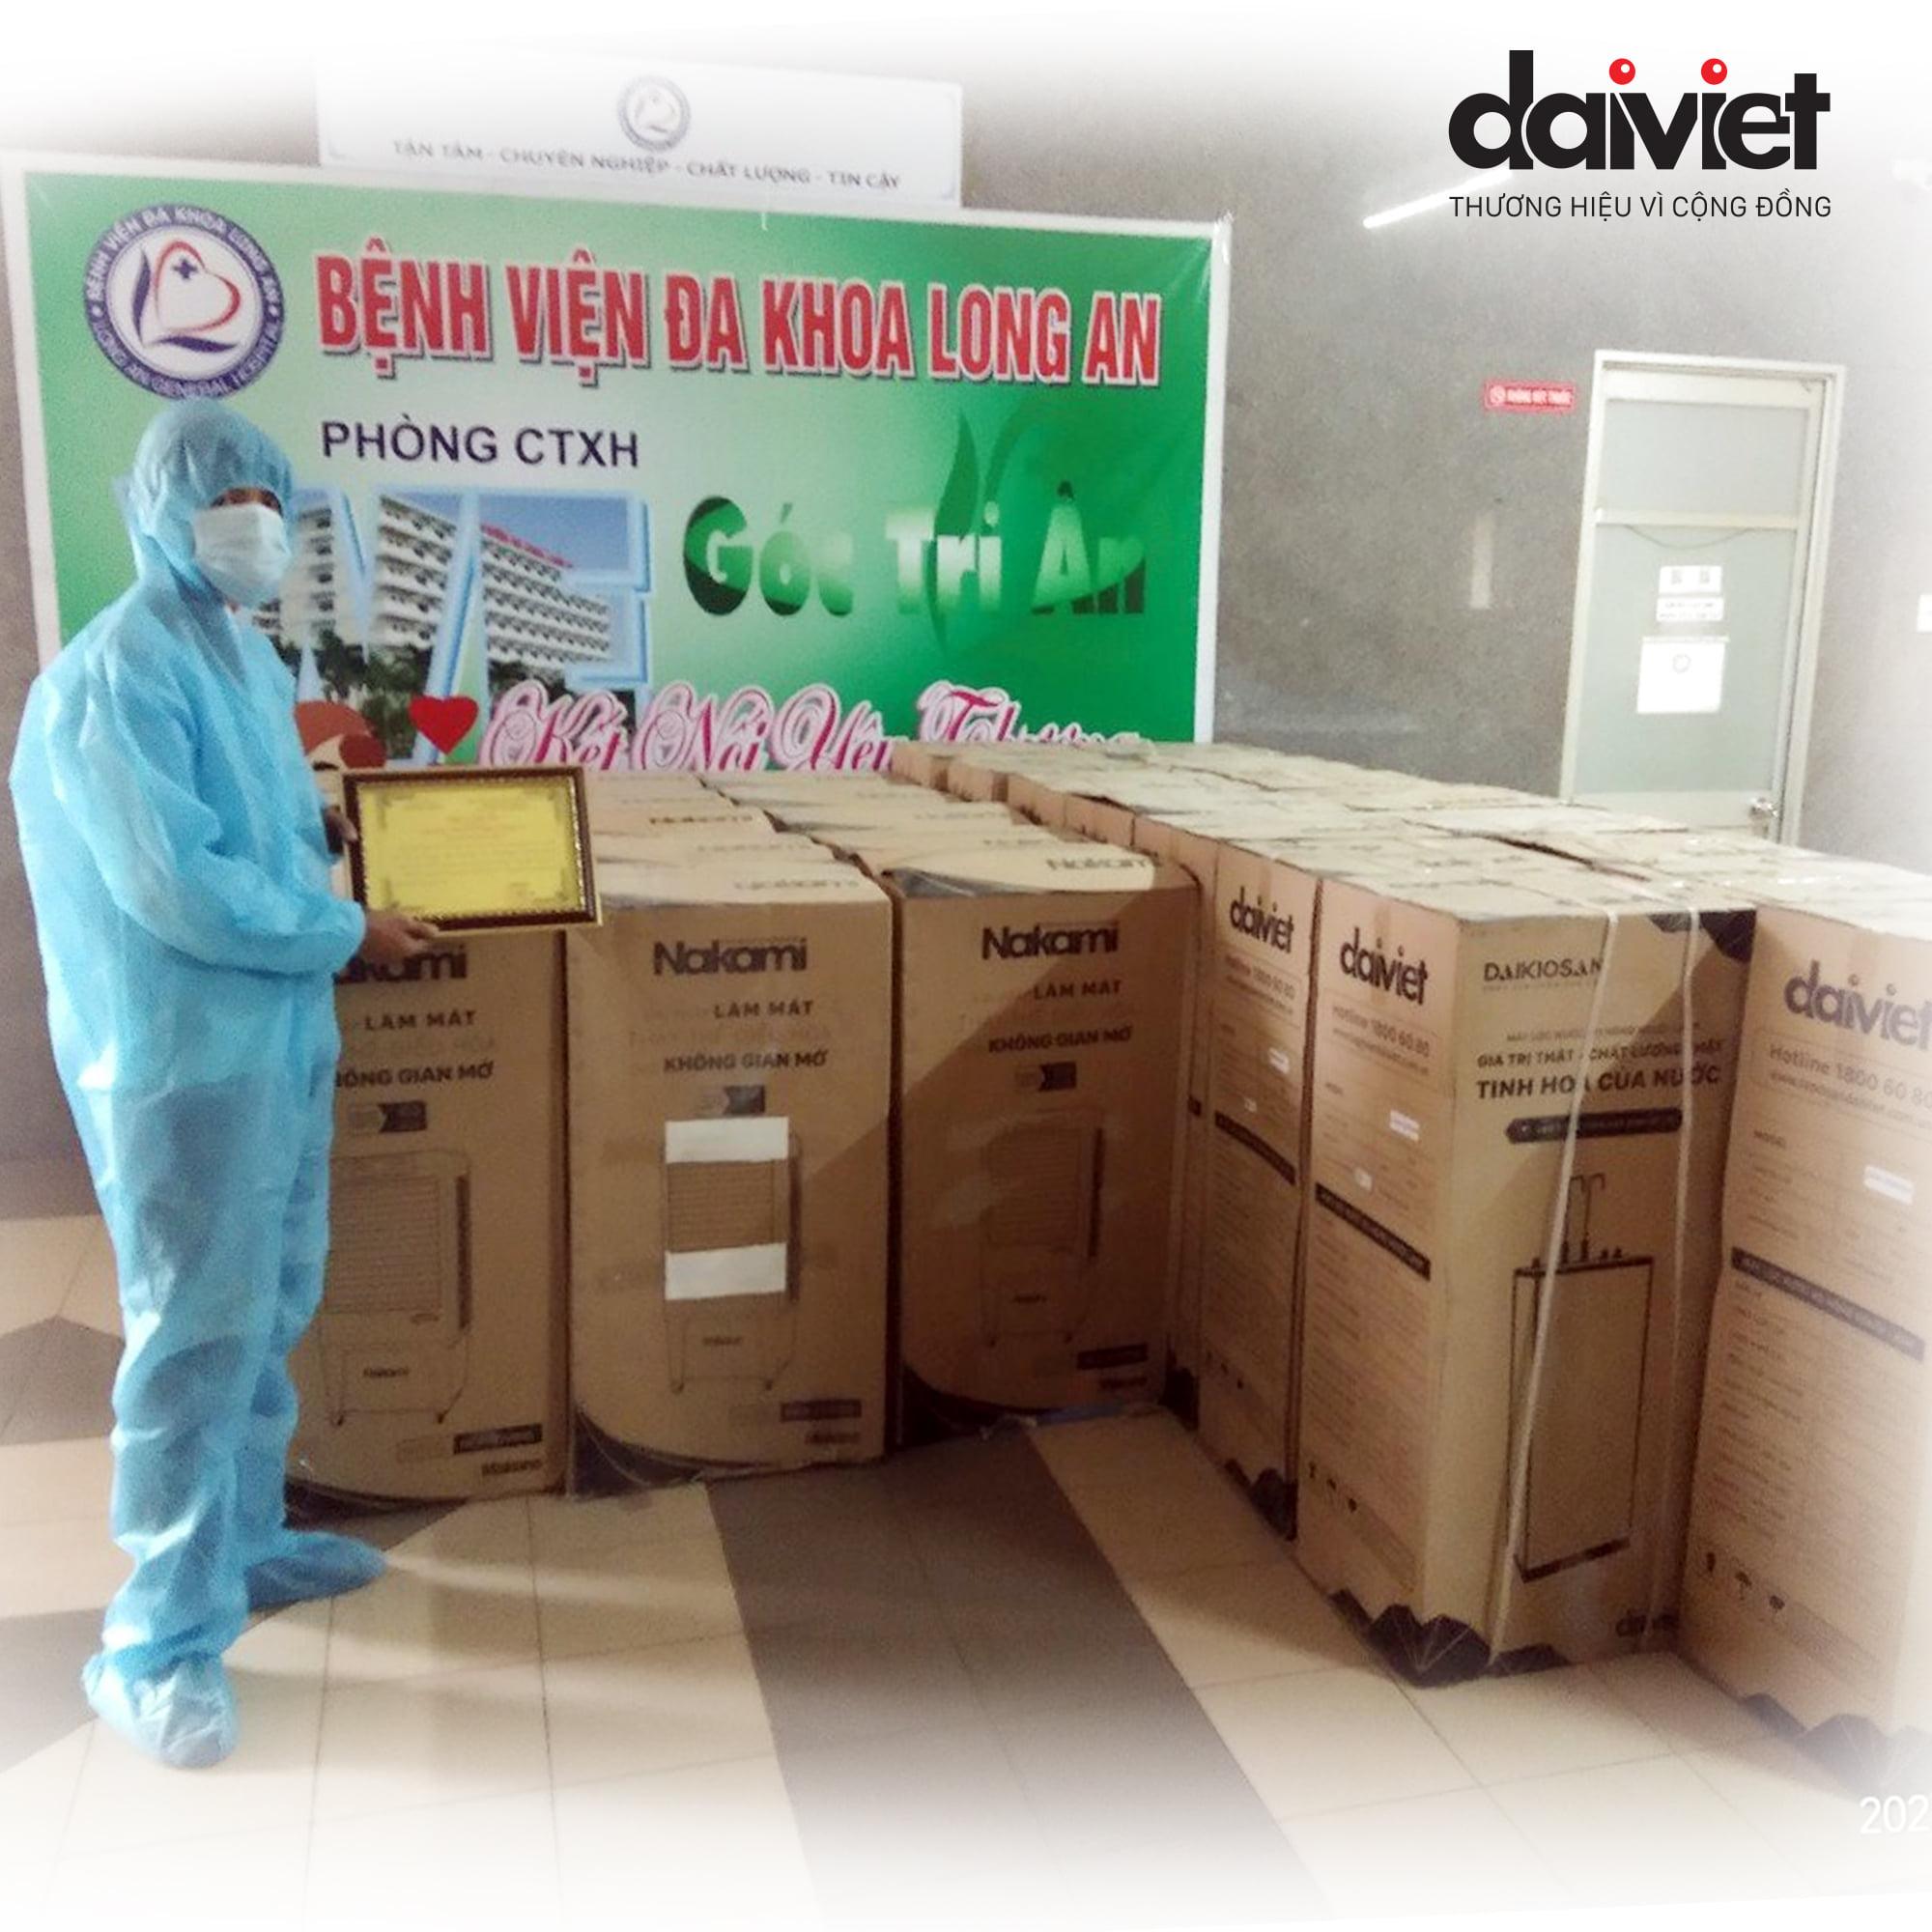 Trao tặng máy làm mát và máy lọc nước cho Bệnh Viện Đa Khoa Tỉnh Long An